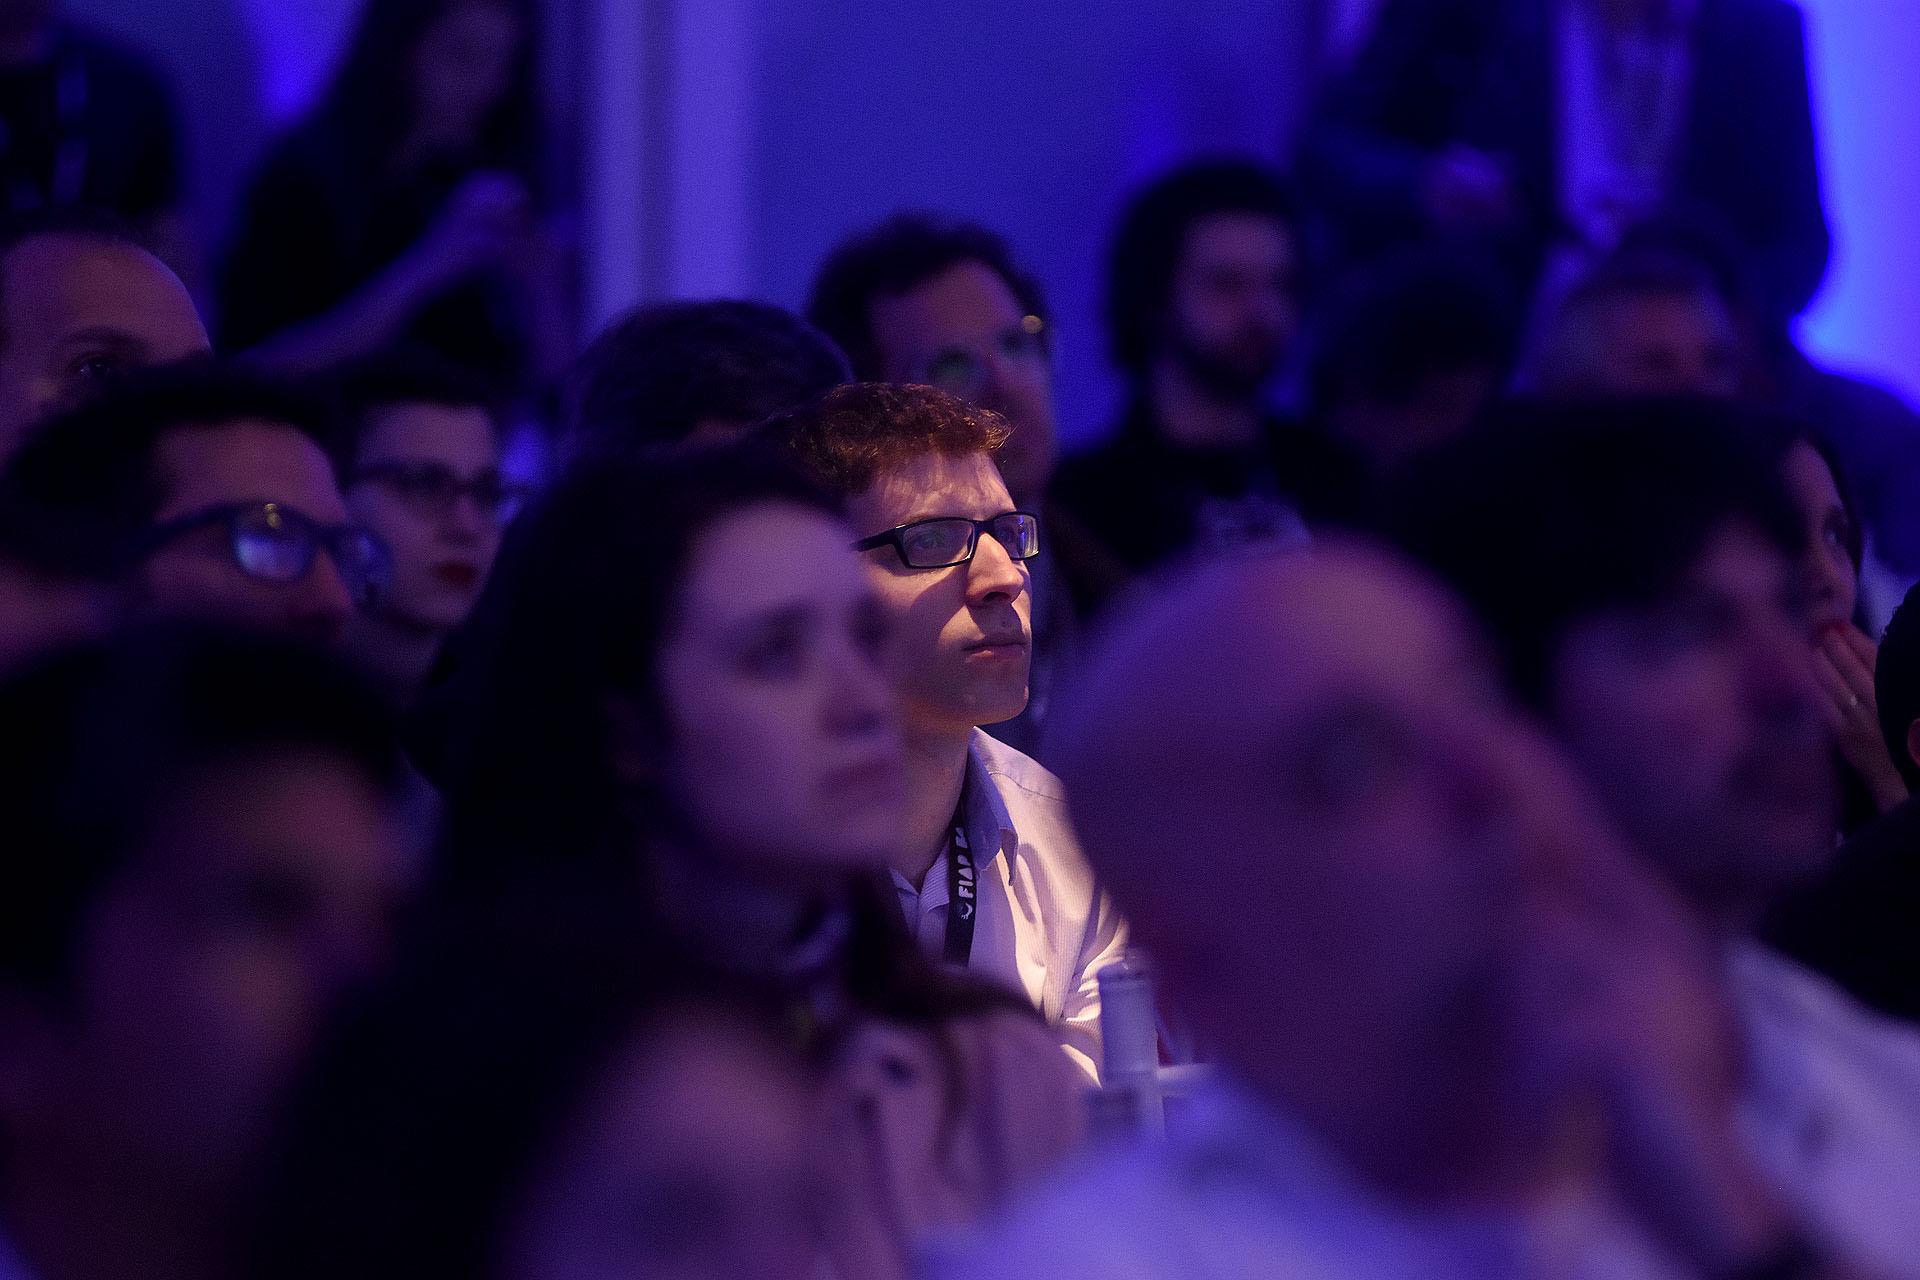 El público mayormente del universo publicitario también lo integraron profesionales de la comunicación, innovación, multimedia y diseño, entre otros. La primera jornada, dedicada a la innovación, del Festival Iberoamericano de la Publicidad fue un éxito